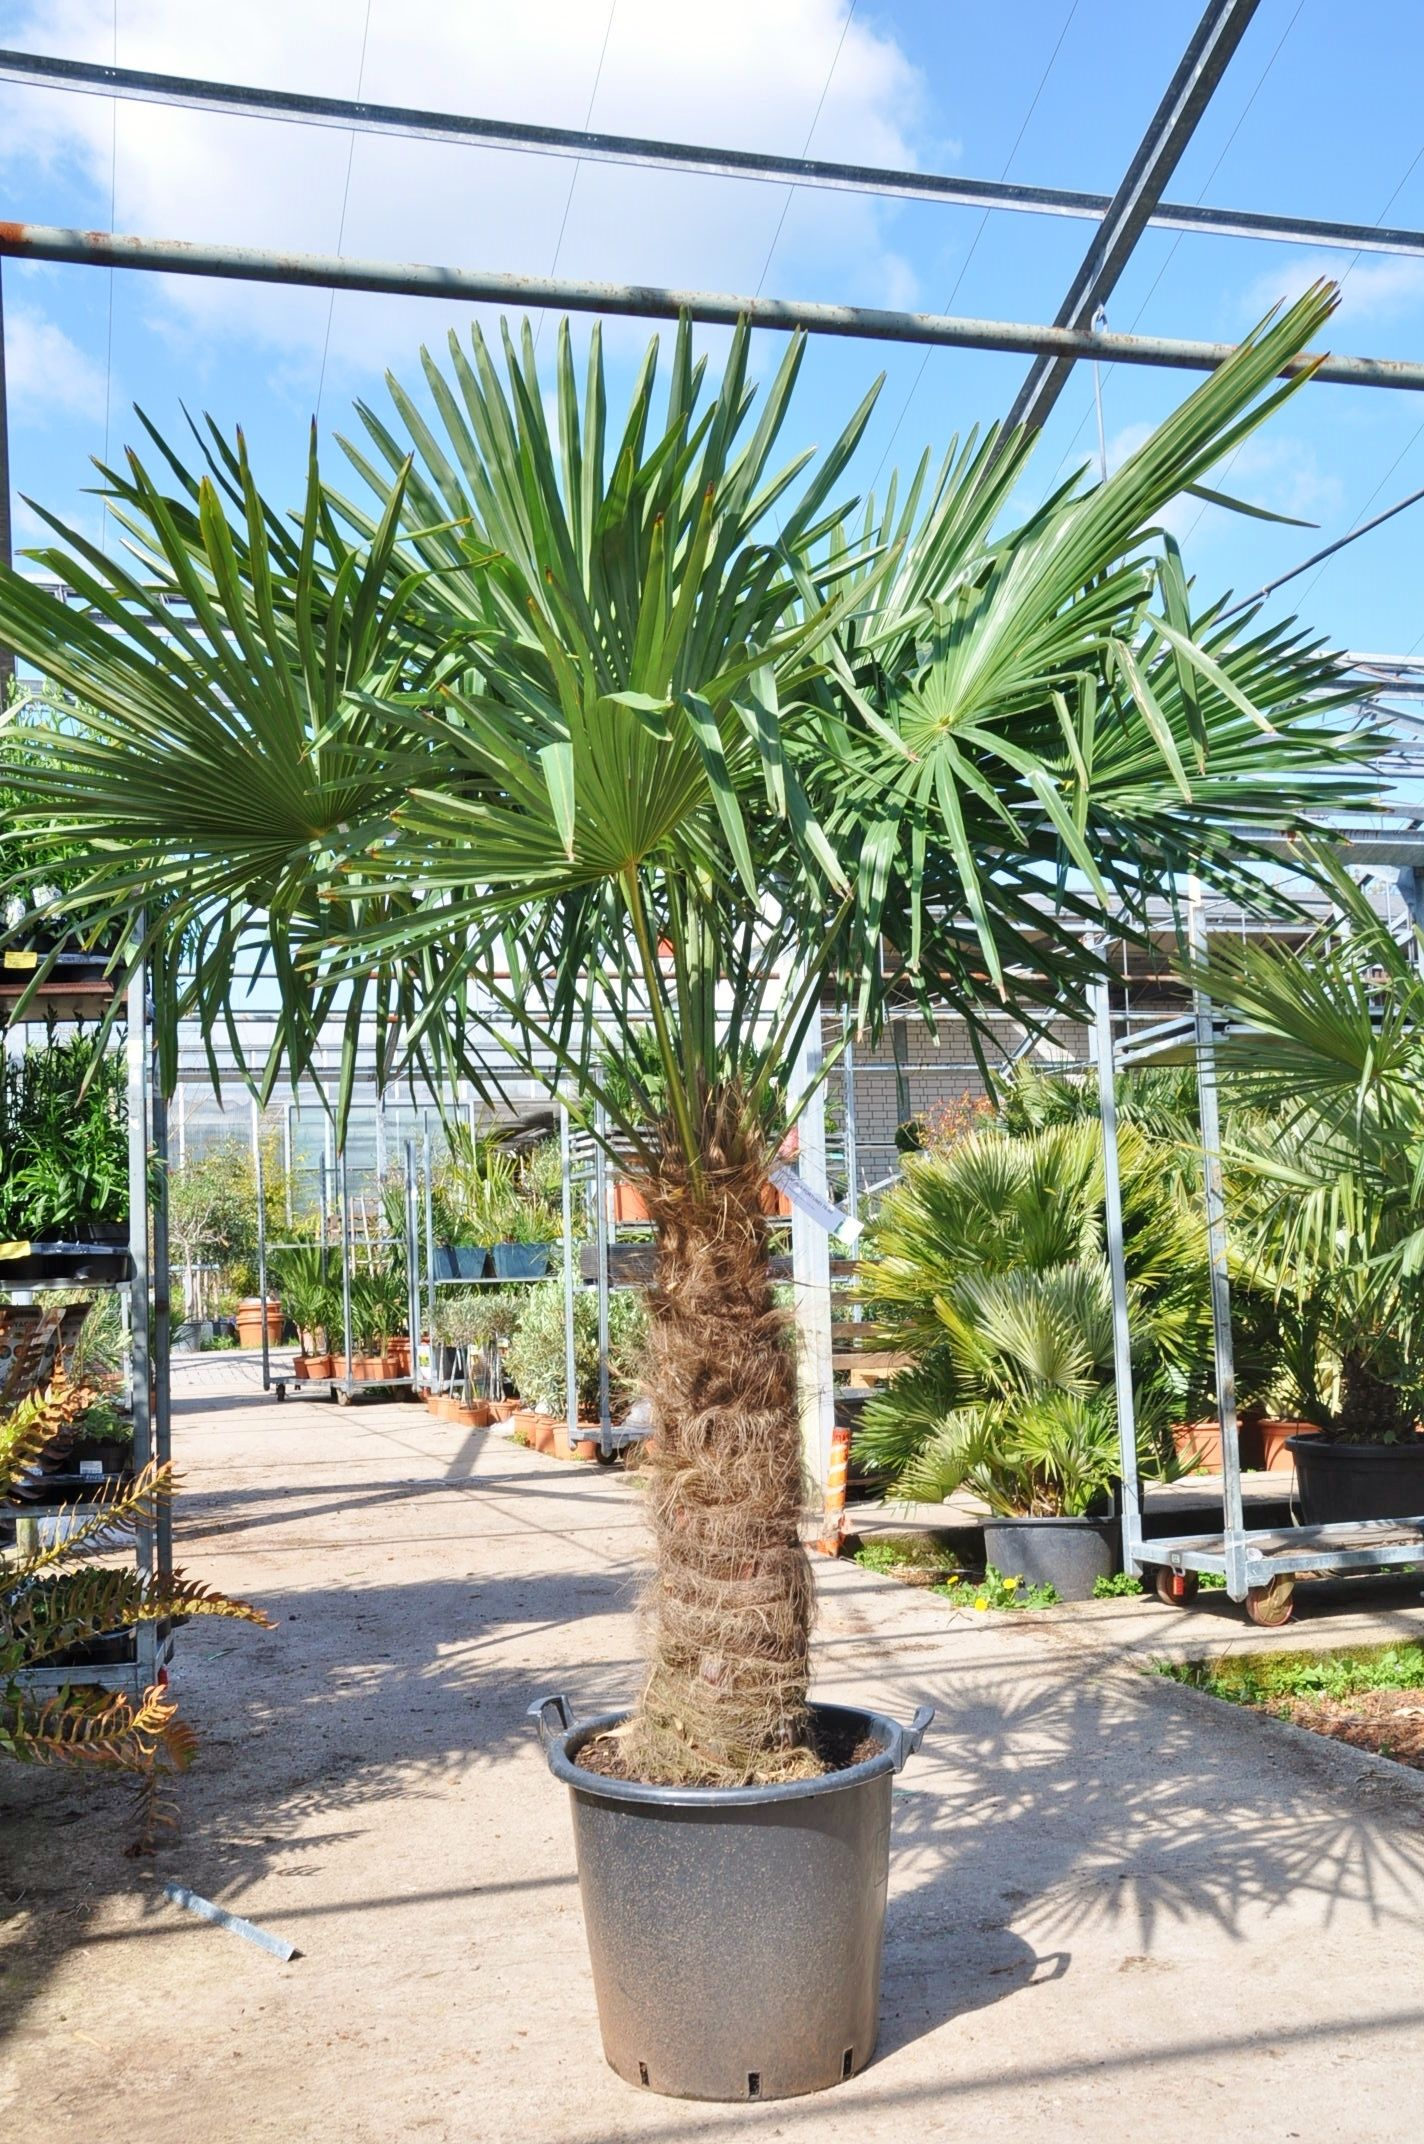 Hanfpalme Premium Fortunei Winterhart 70 80 Stamm In 2020 Hanfpalme Palmen Garten Winterhart